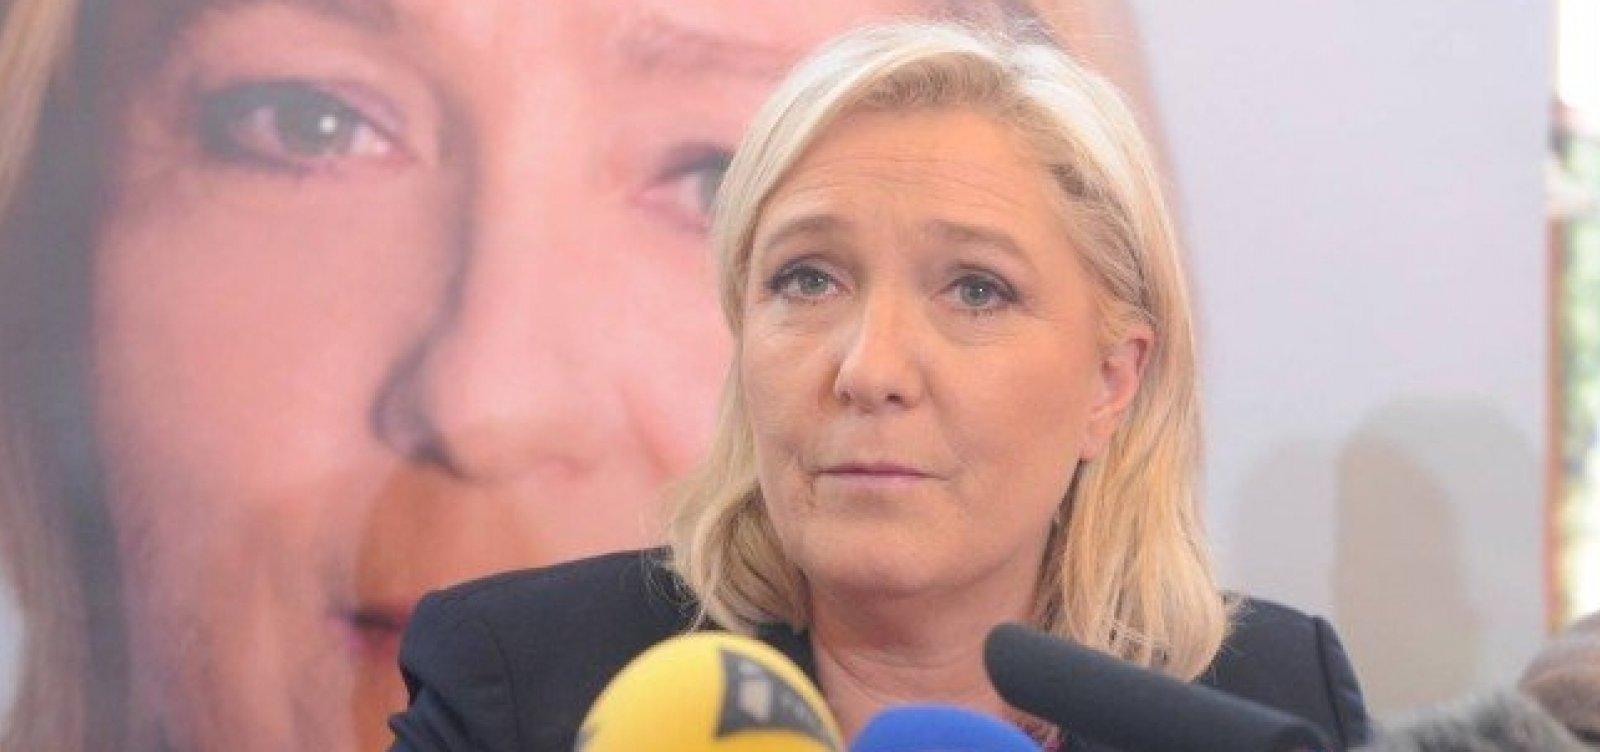 [Líder da extrema direita da França critica Bolsonaro: 'Diz coisas extremamente desagradáveis']